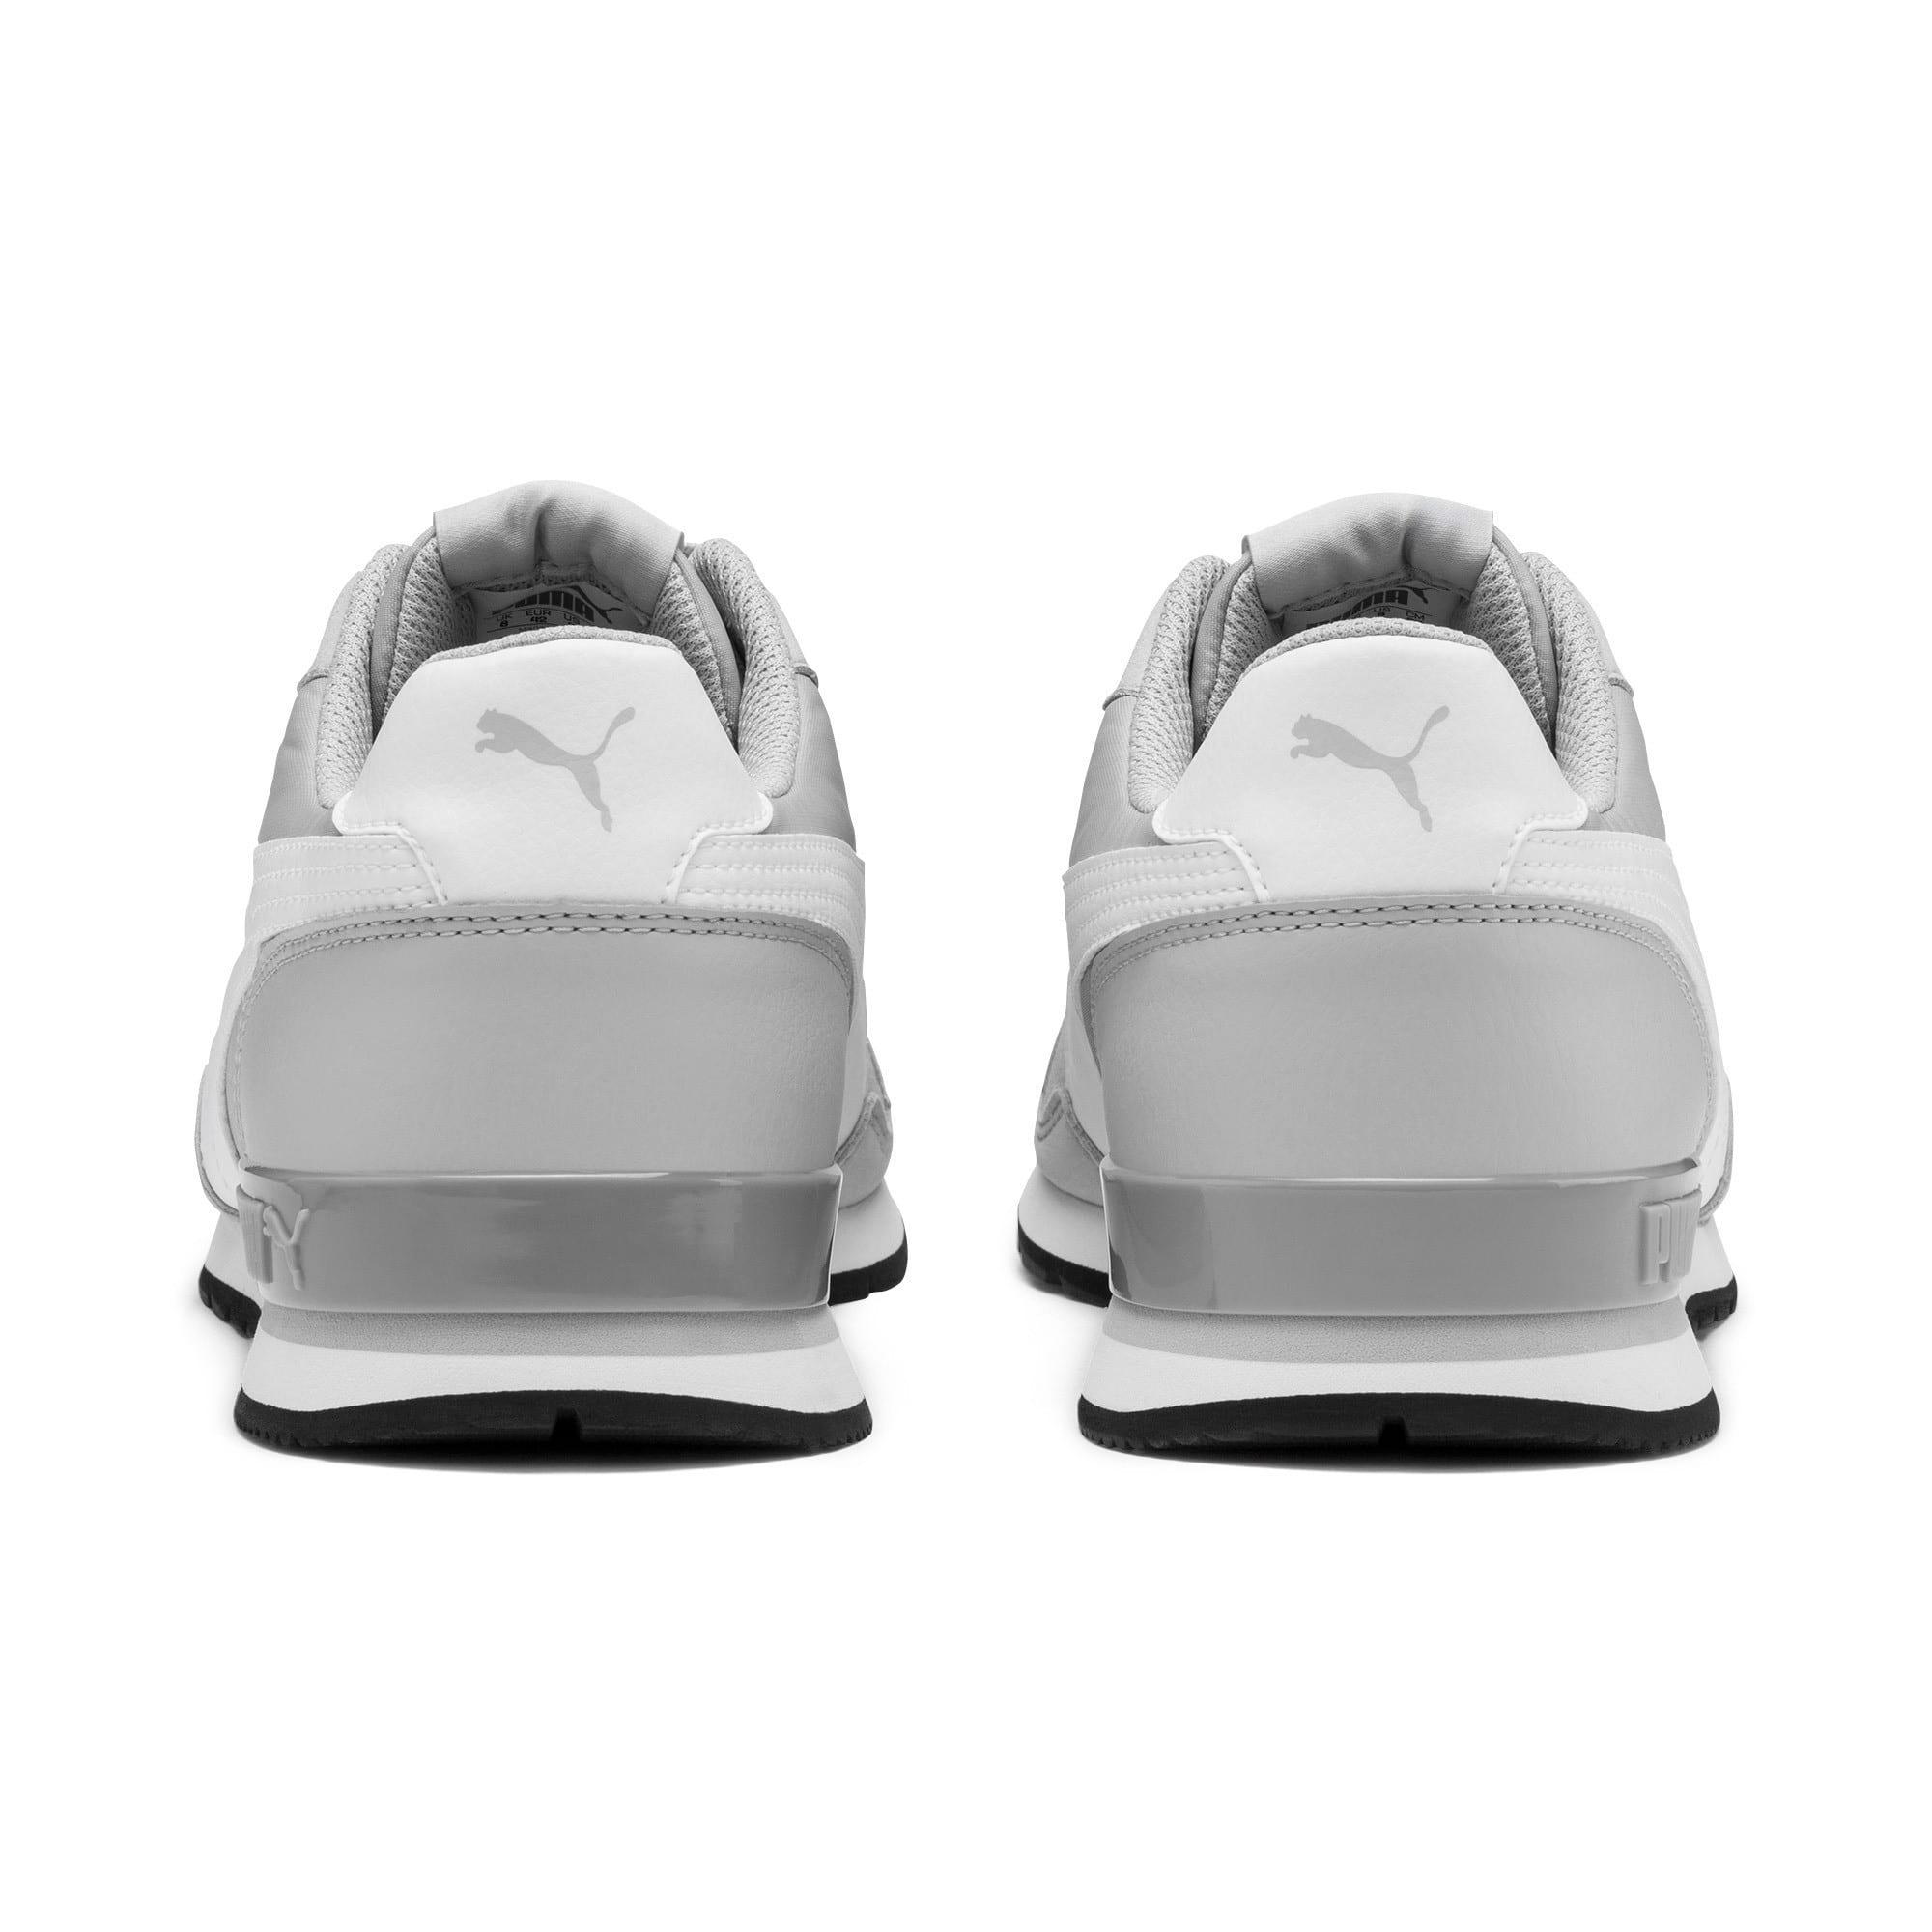 Thumbnail 4 of ST Runner v2 Sneakers, High Rise-Puma White, medium